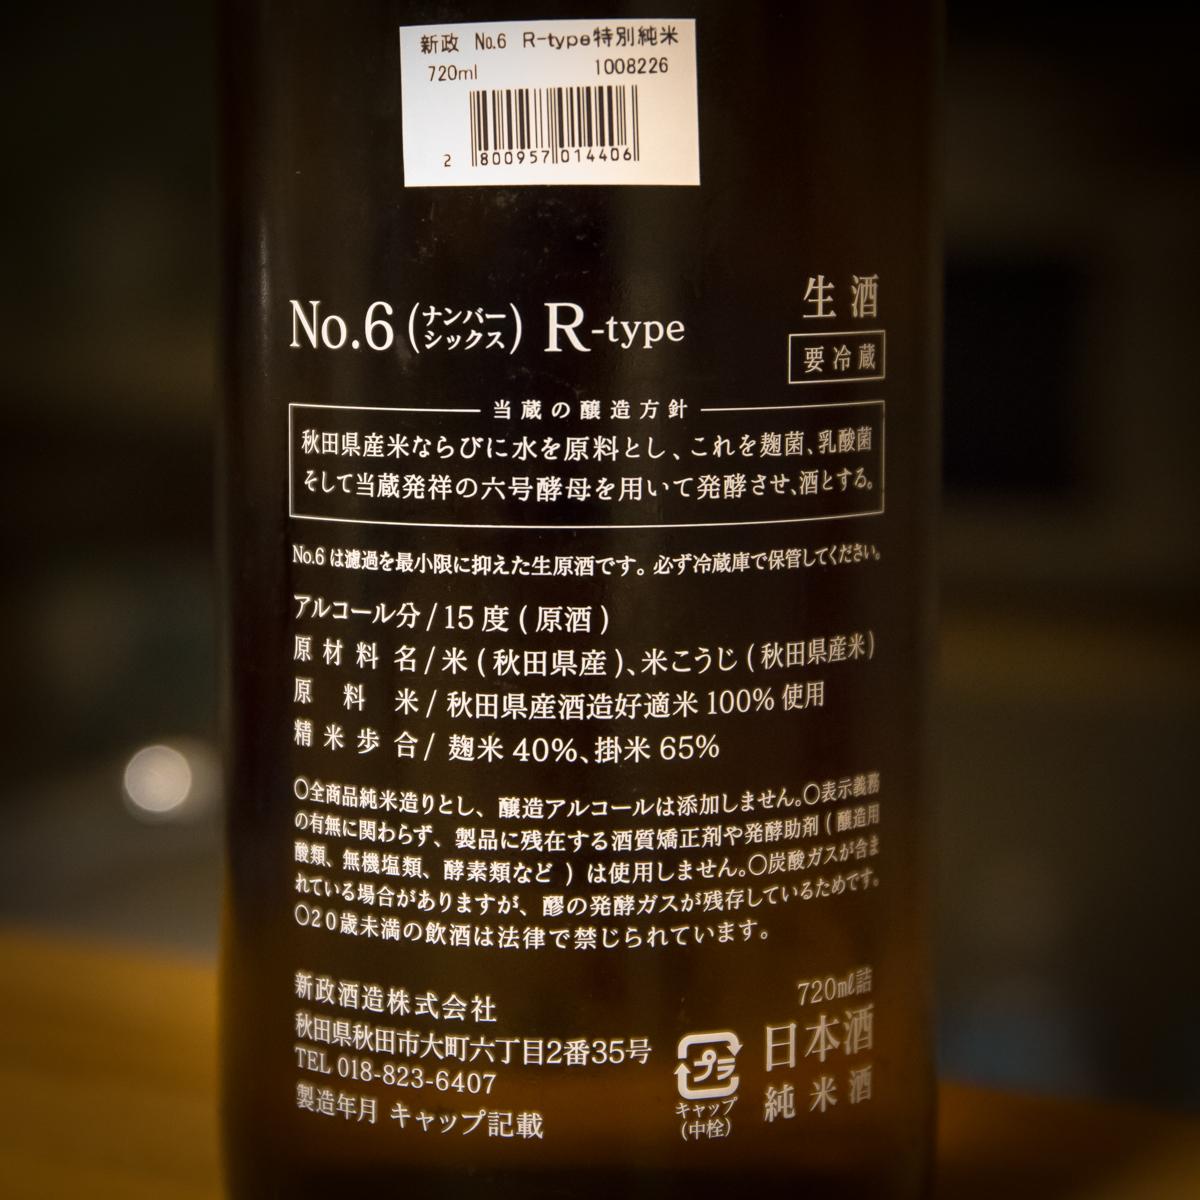 新政 No.6 R-type(3)